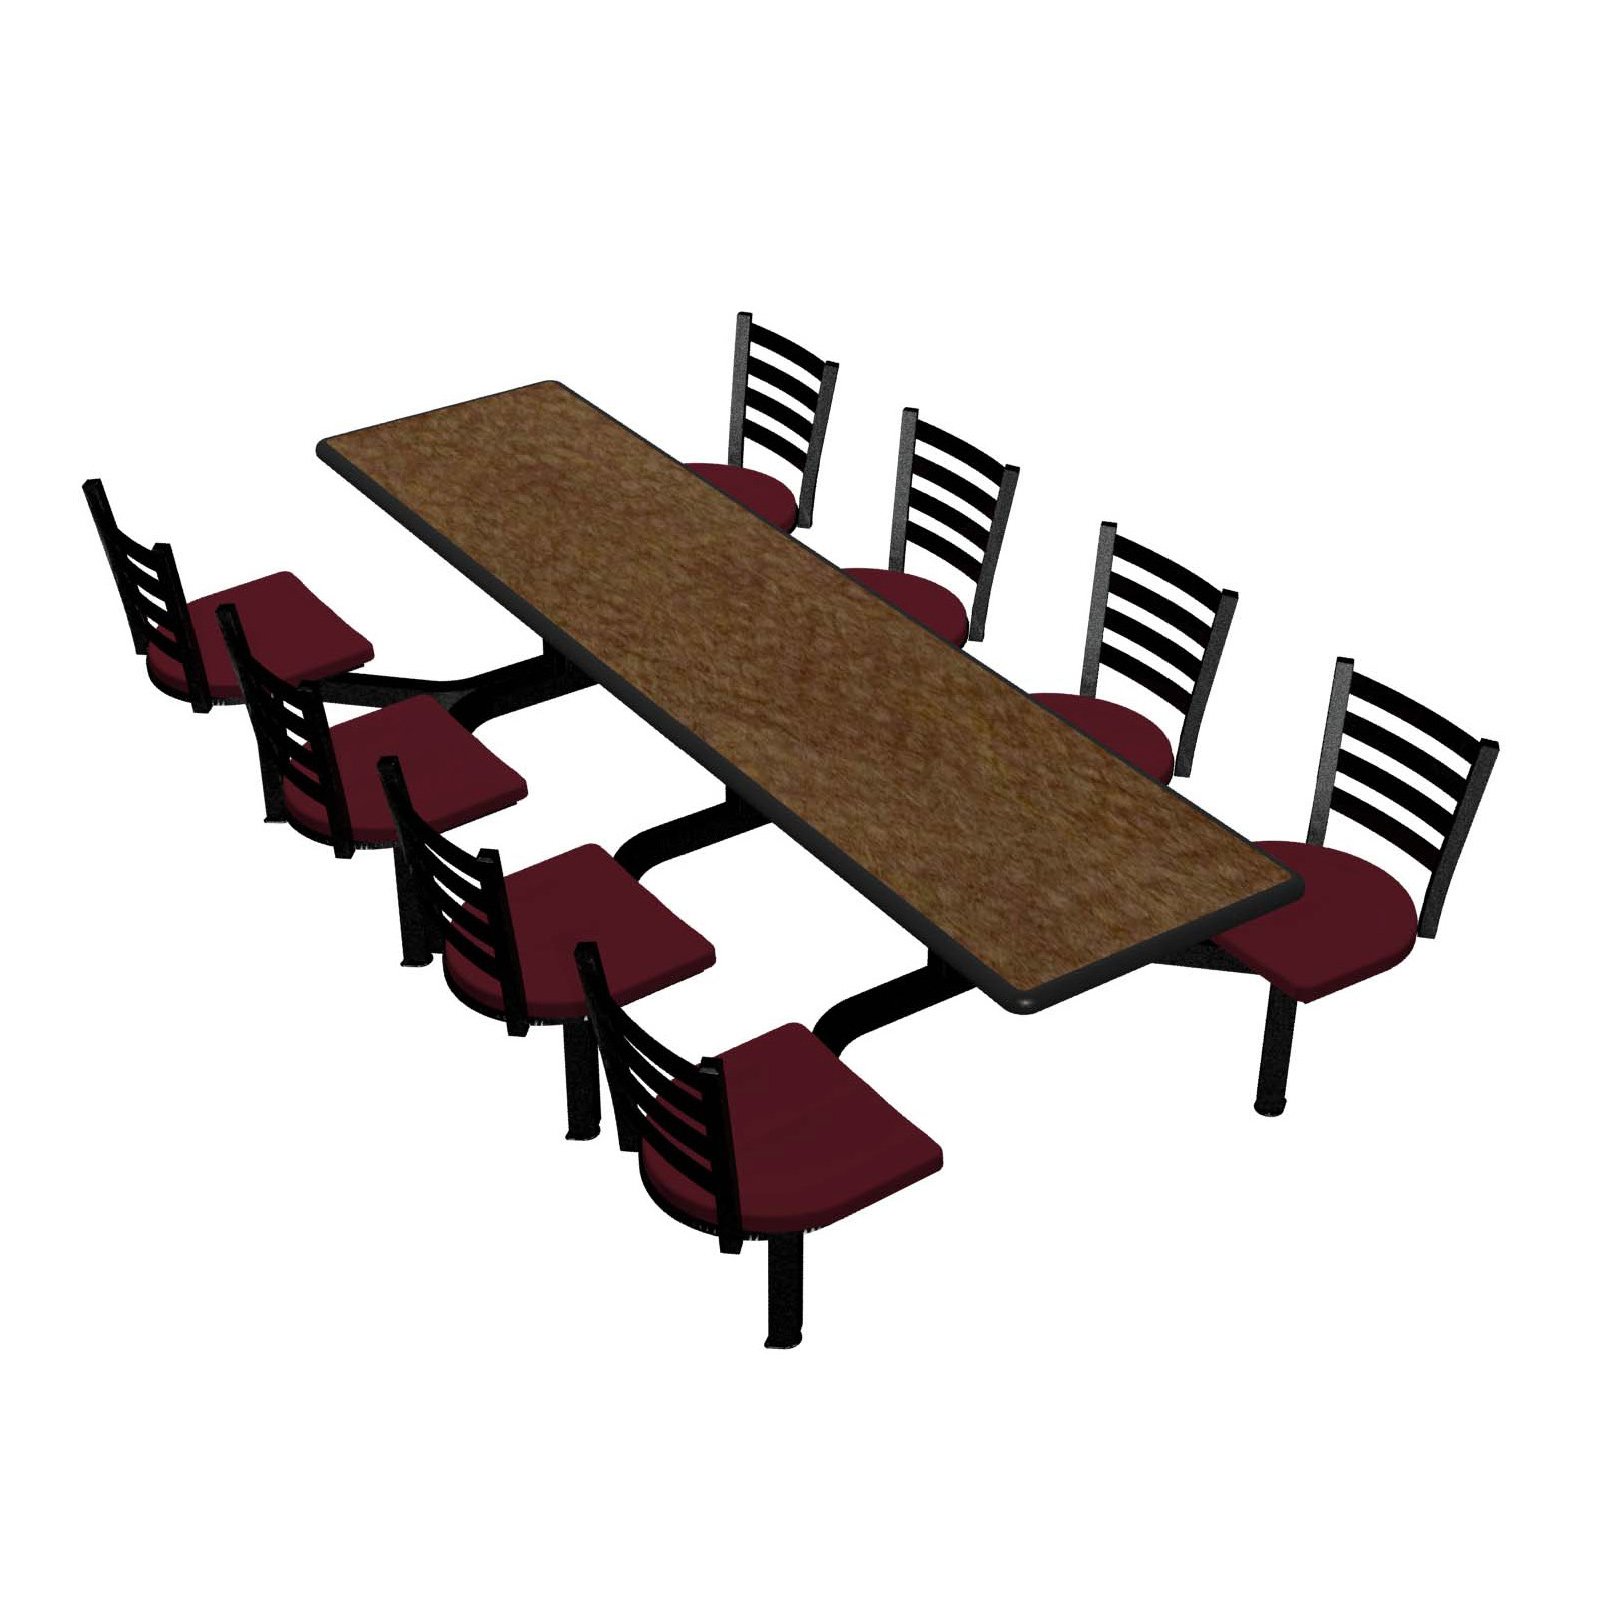 Plymold CEIS008DEEN cluster seating unit, indoor